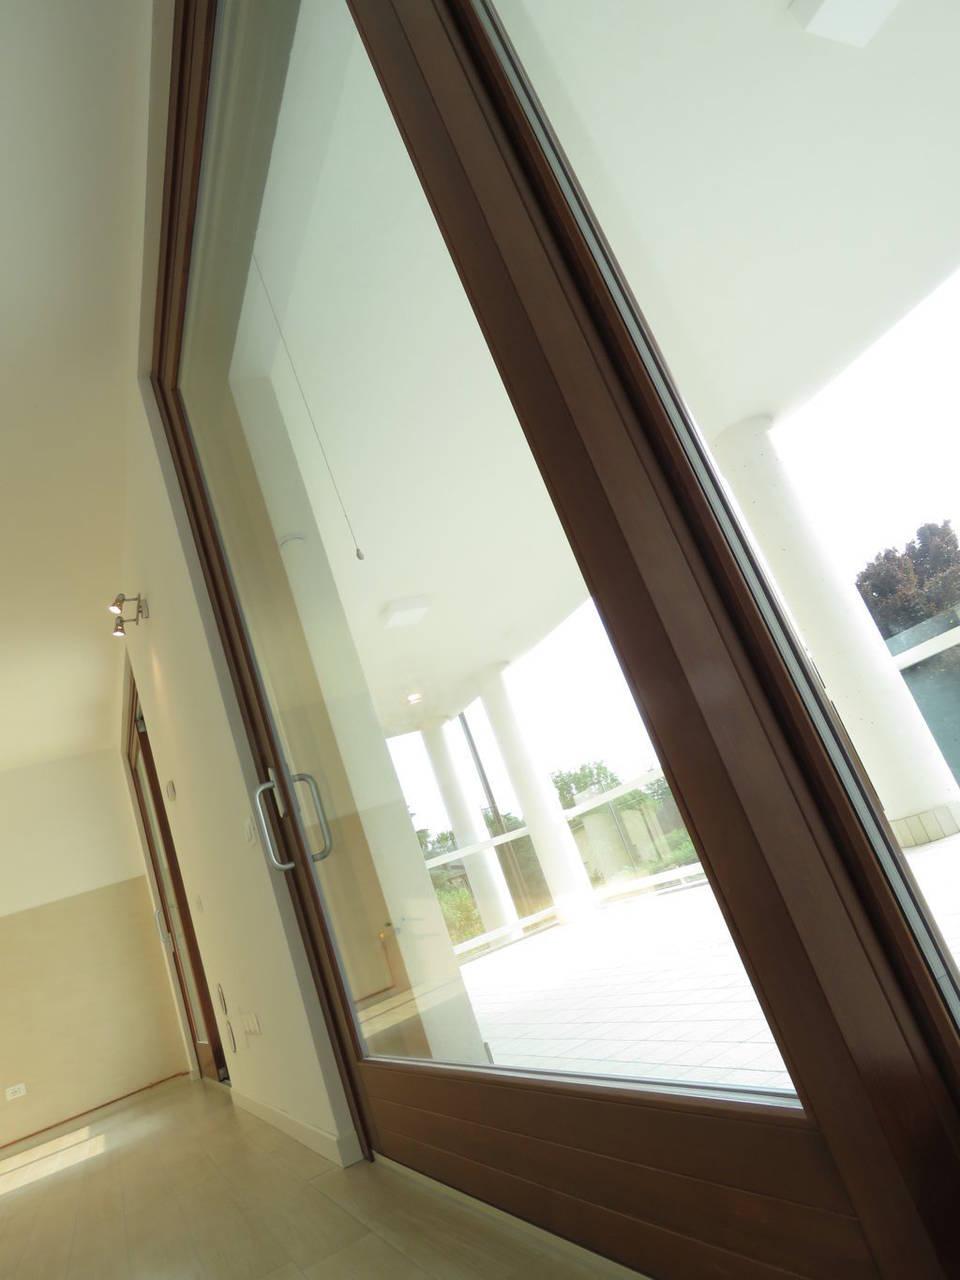 Case-nuove-in-vendita-in-Burago-di-Molgora-Monza-Brianza-5